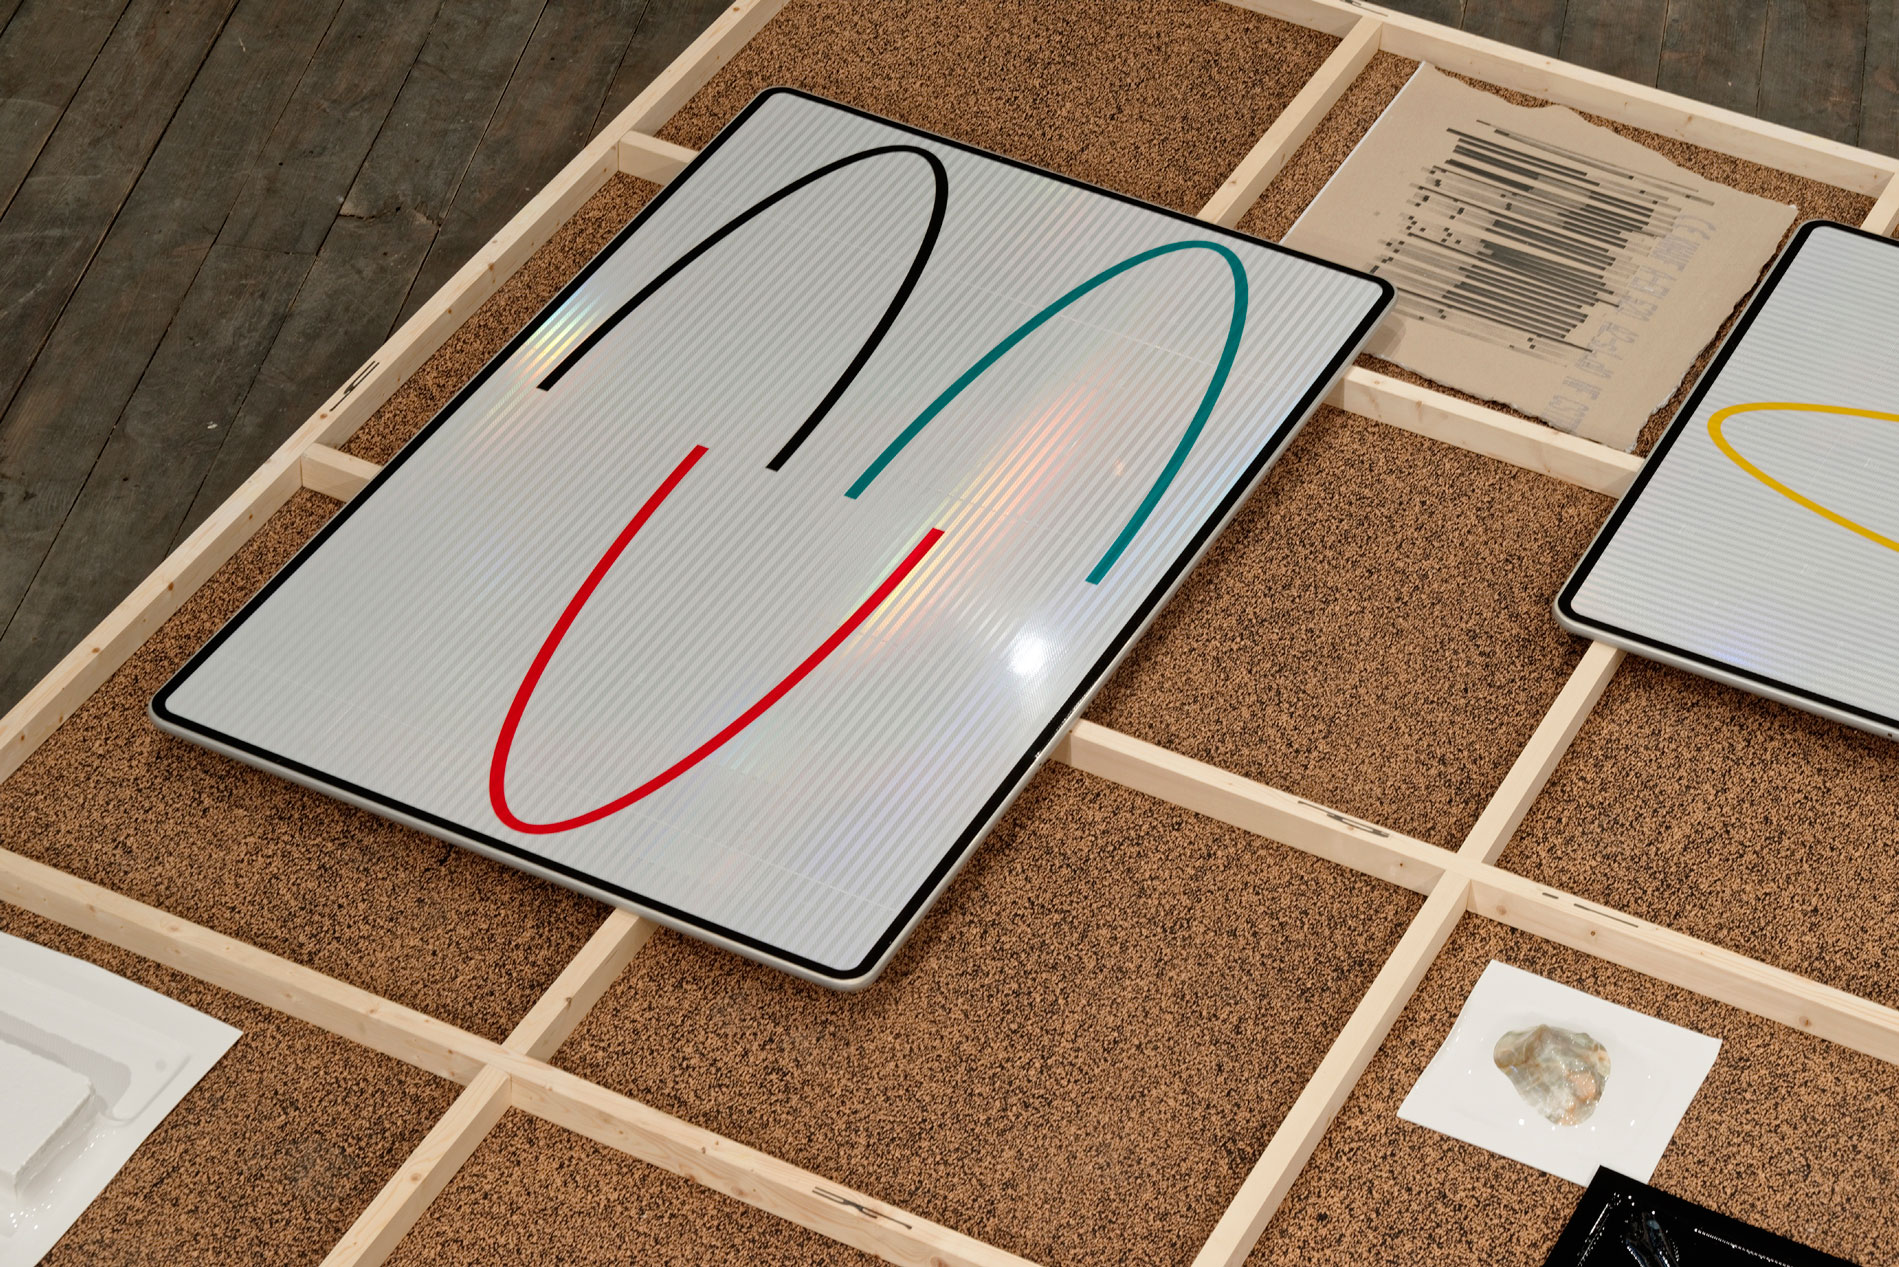 syndicat-graphisme-Sacha-Leopold-Francois-Havegeer-exposition--Taylor,-Matthieu-et-Ricardo-chaumont-2015-04